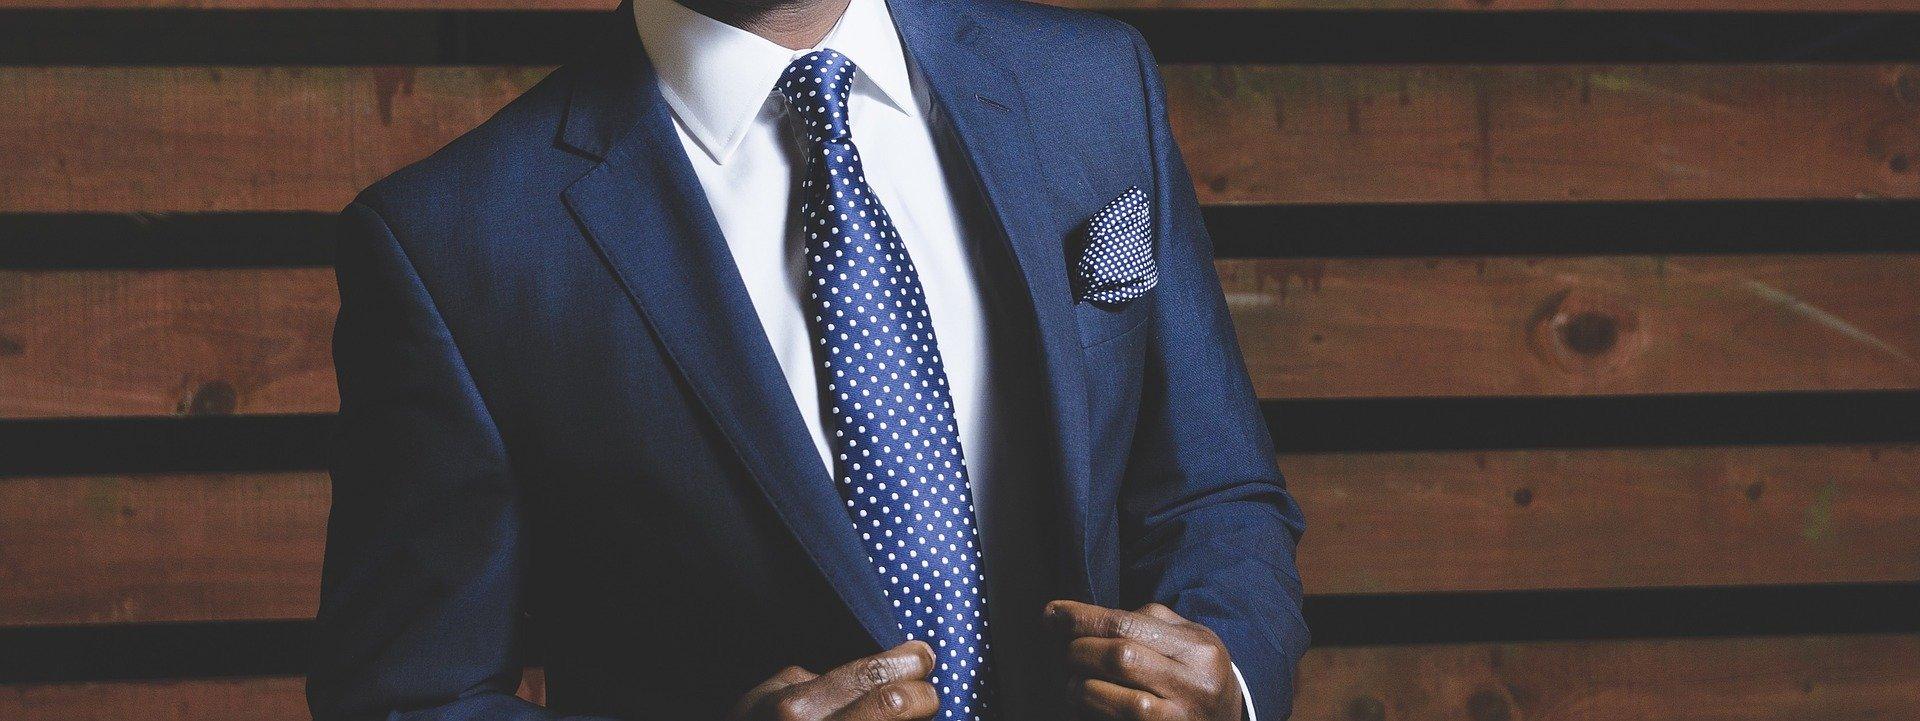 20代の転職で活用すべきおすすめ転職エージェント